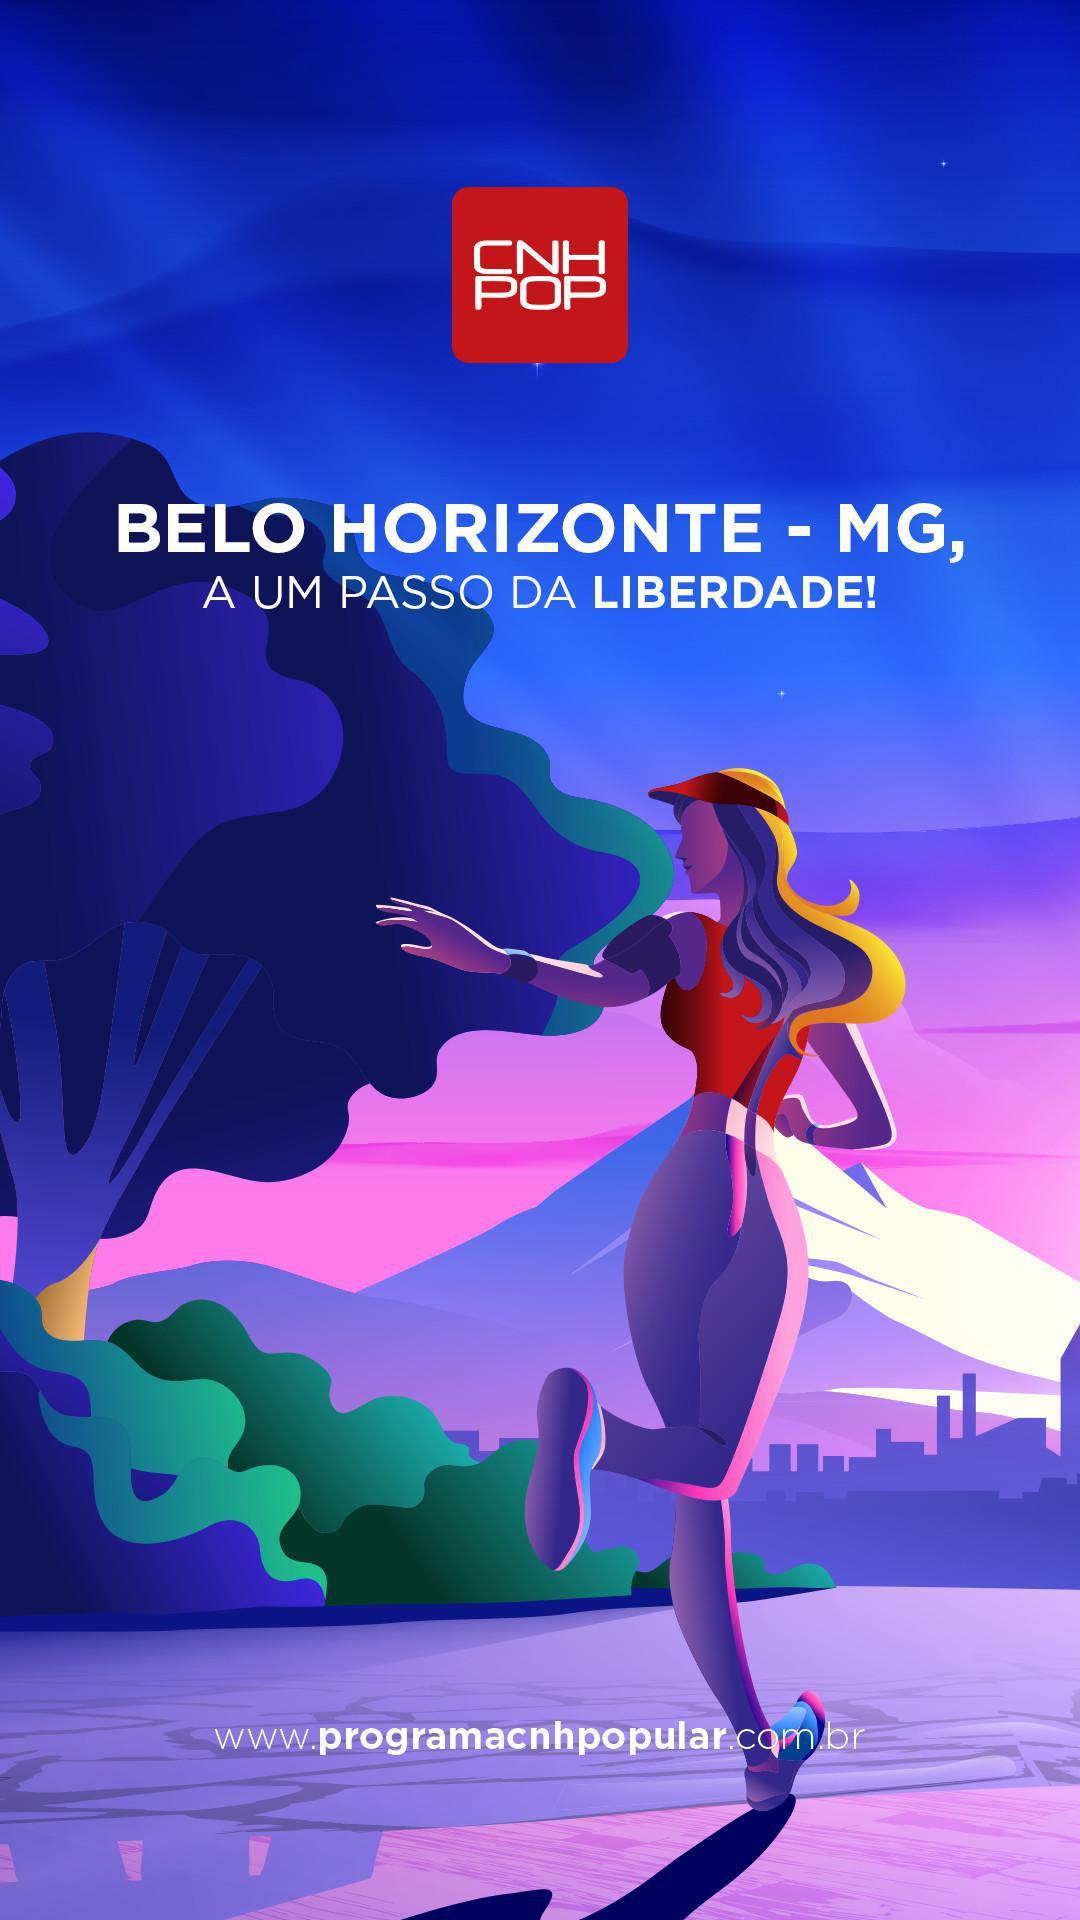 AMANHÃ, ÚLTIMO DIA DE MATRÍCULAS BH!